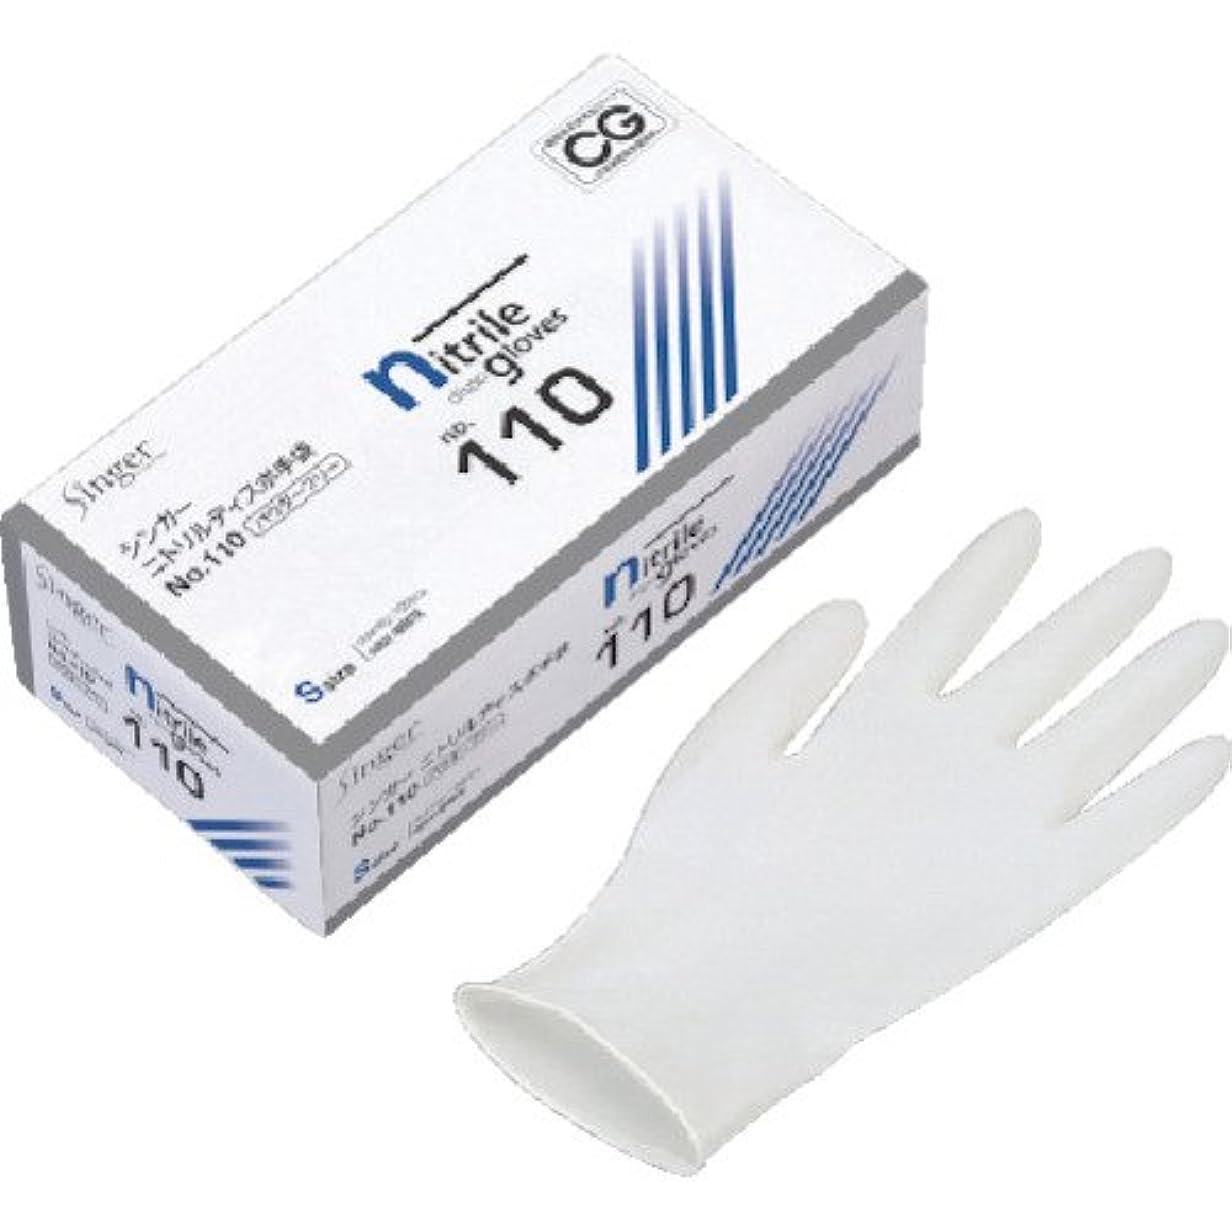 カール変更可能階段シンガーニトリルディスポ手袋 No.110 ホワイト パウダーフリー(100枚) S